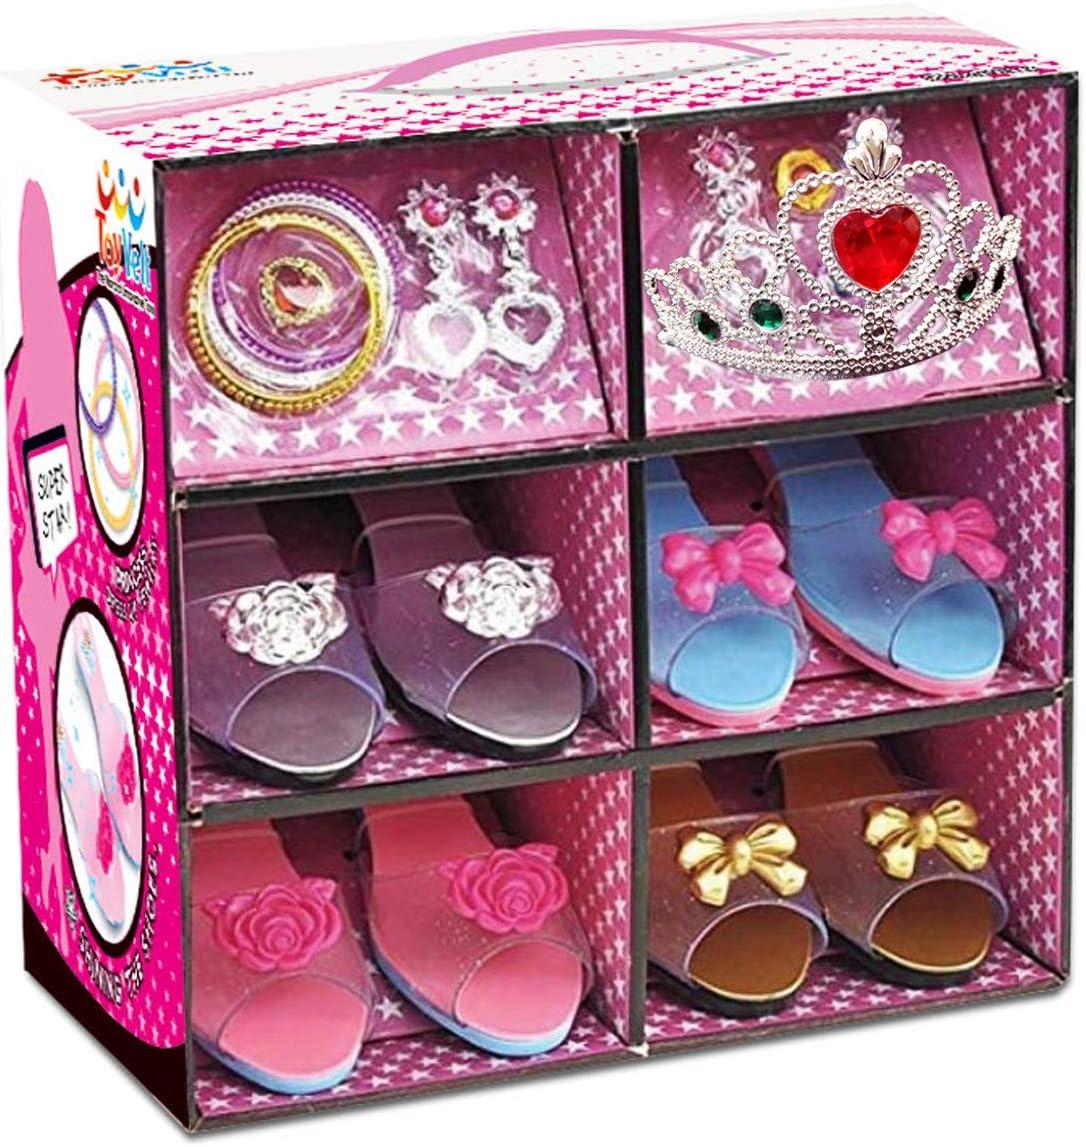 Vístase como una princesa con una boutique de zapatos y joyas de juguete (incluye 4 pares de zapatos y varios accesorios de moda) - Este conjunto de joyas es el mejor regalo para niñas de 2 a 10 años